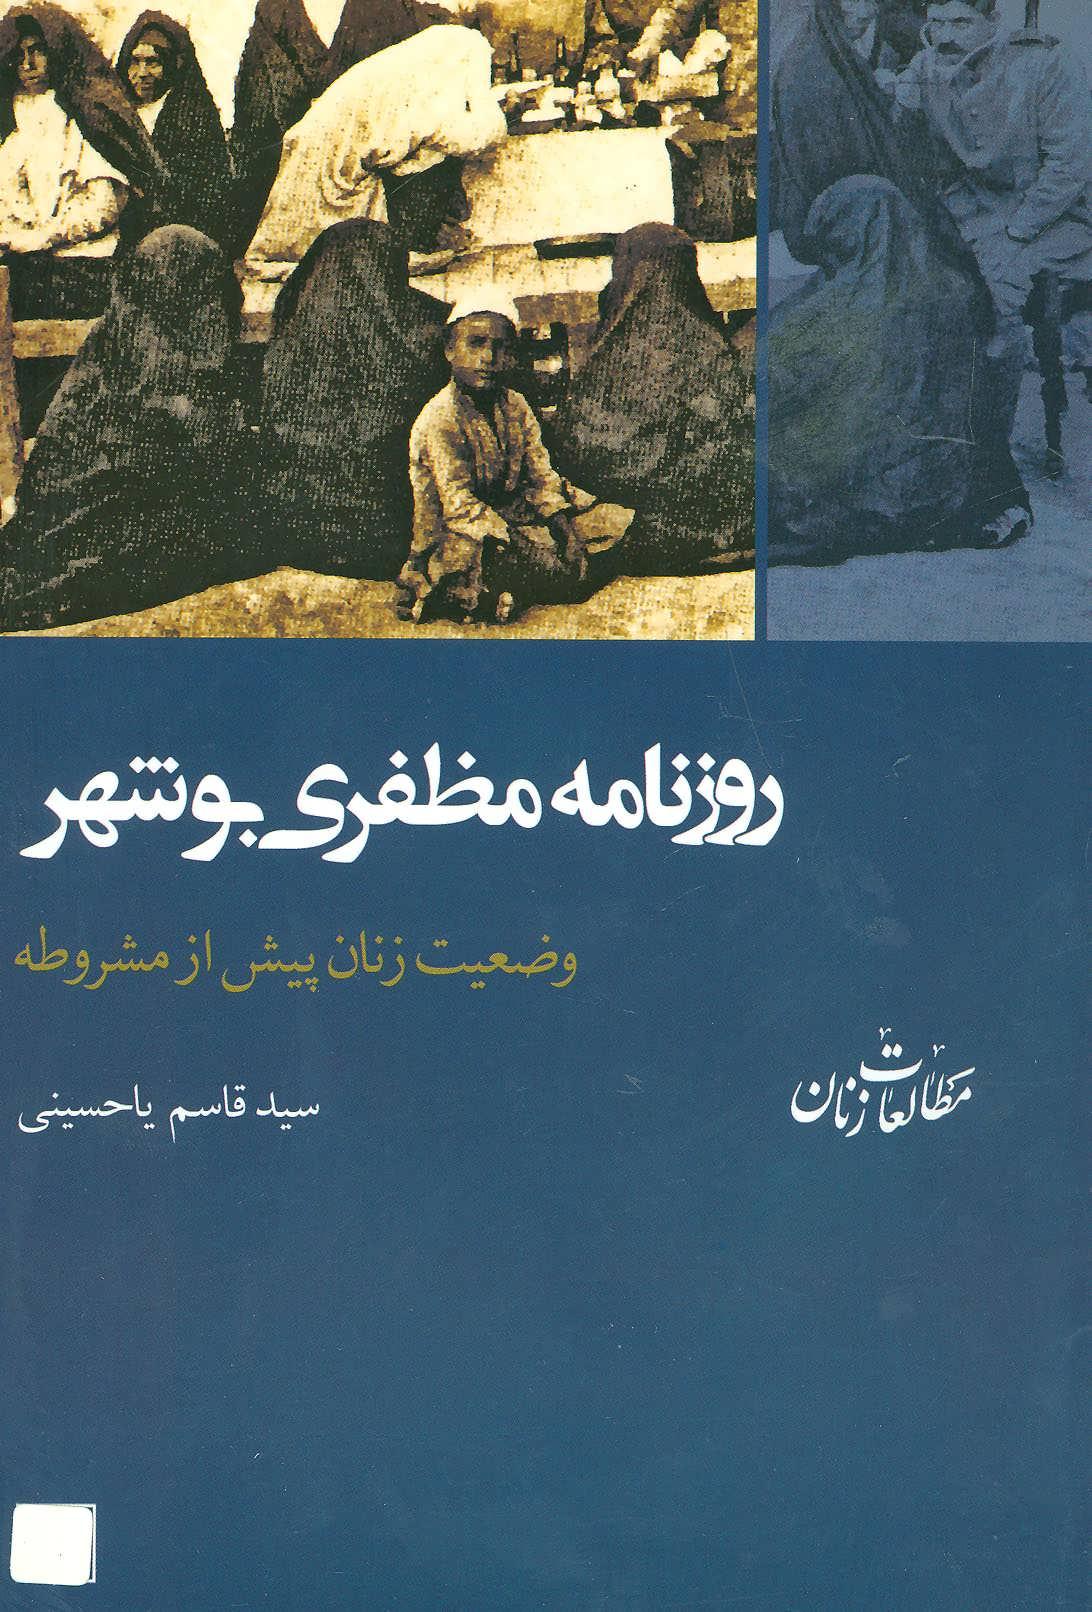 روزنامه مظفري بوشهر:وضعيت زنان پيش از مشروطه (مطالعات زنان 9)